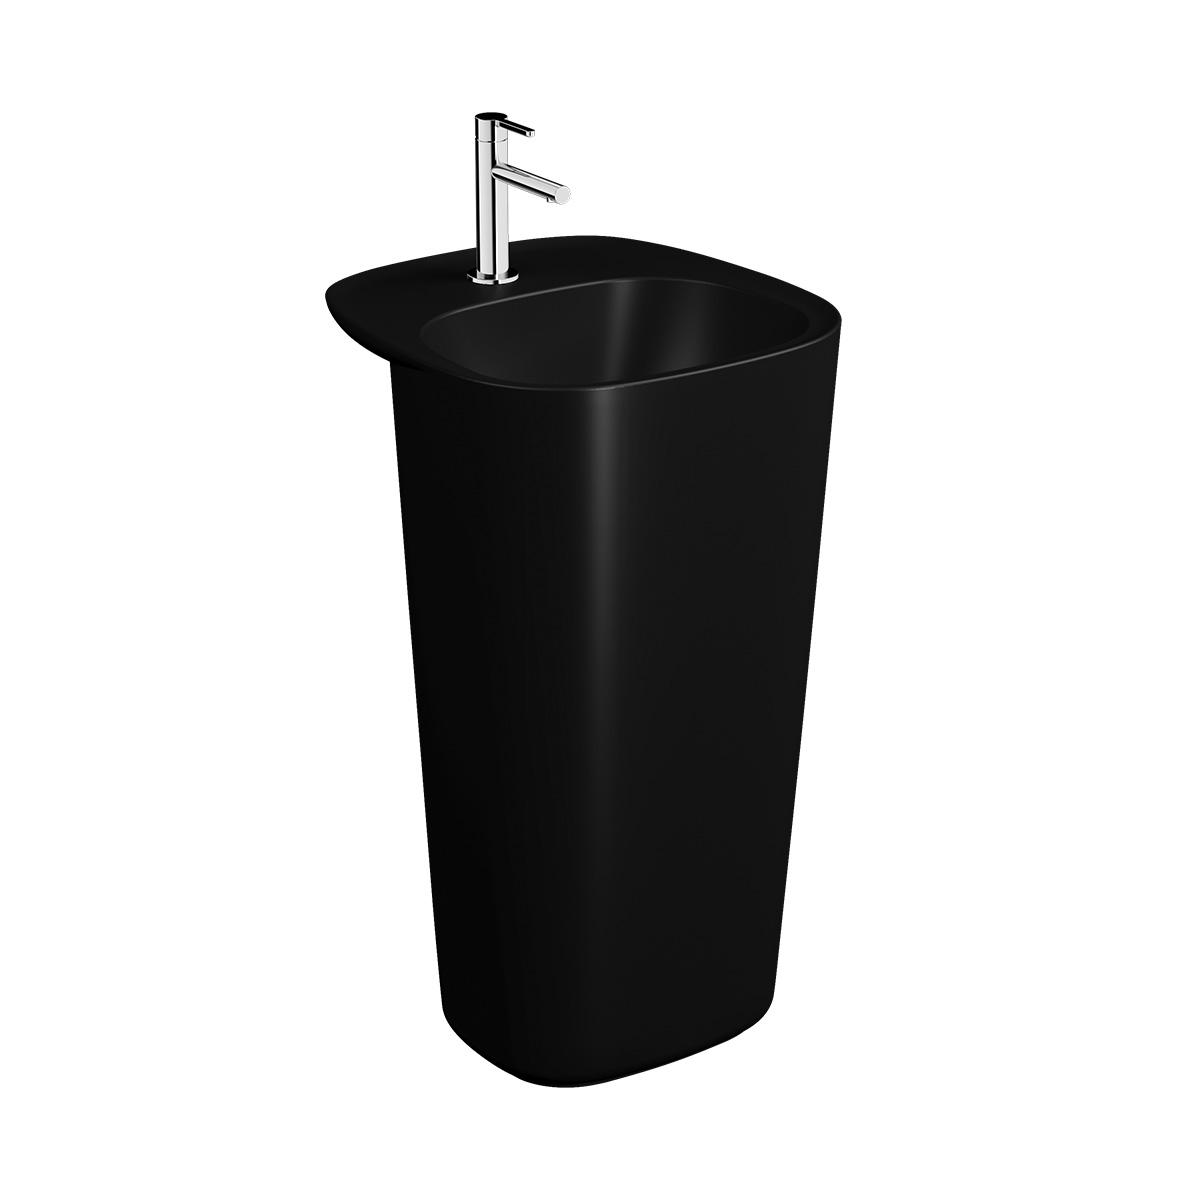 Plural Monoblock Waschtisch ohne Überlaufloch, Schwarz Matt